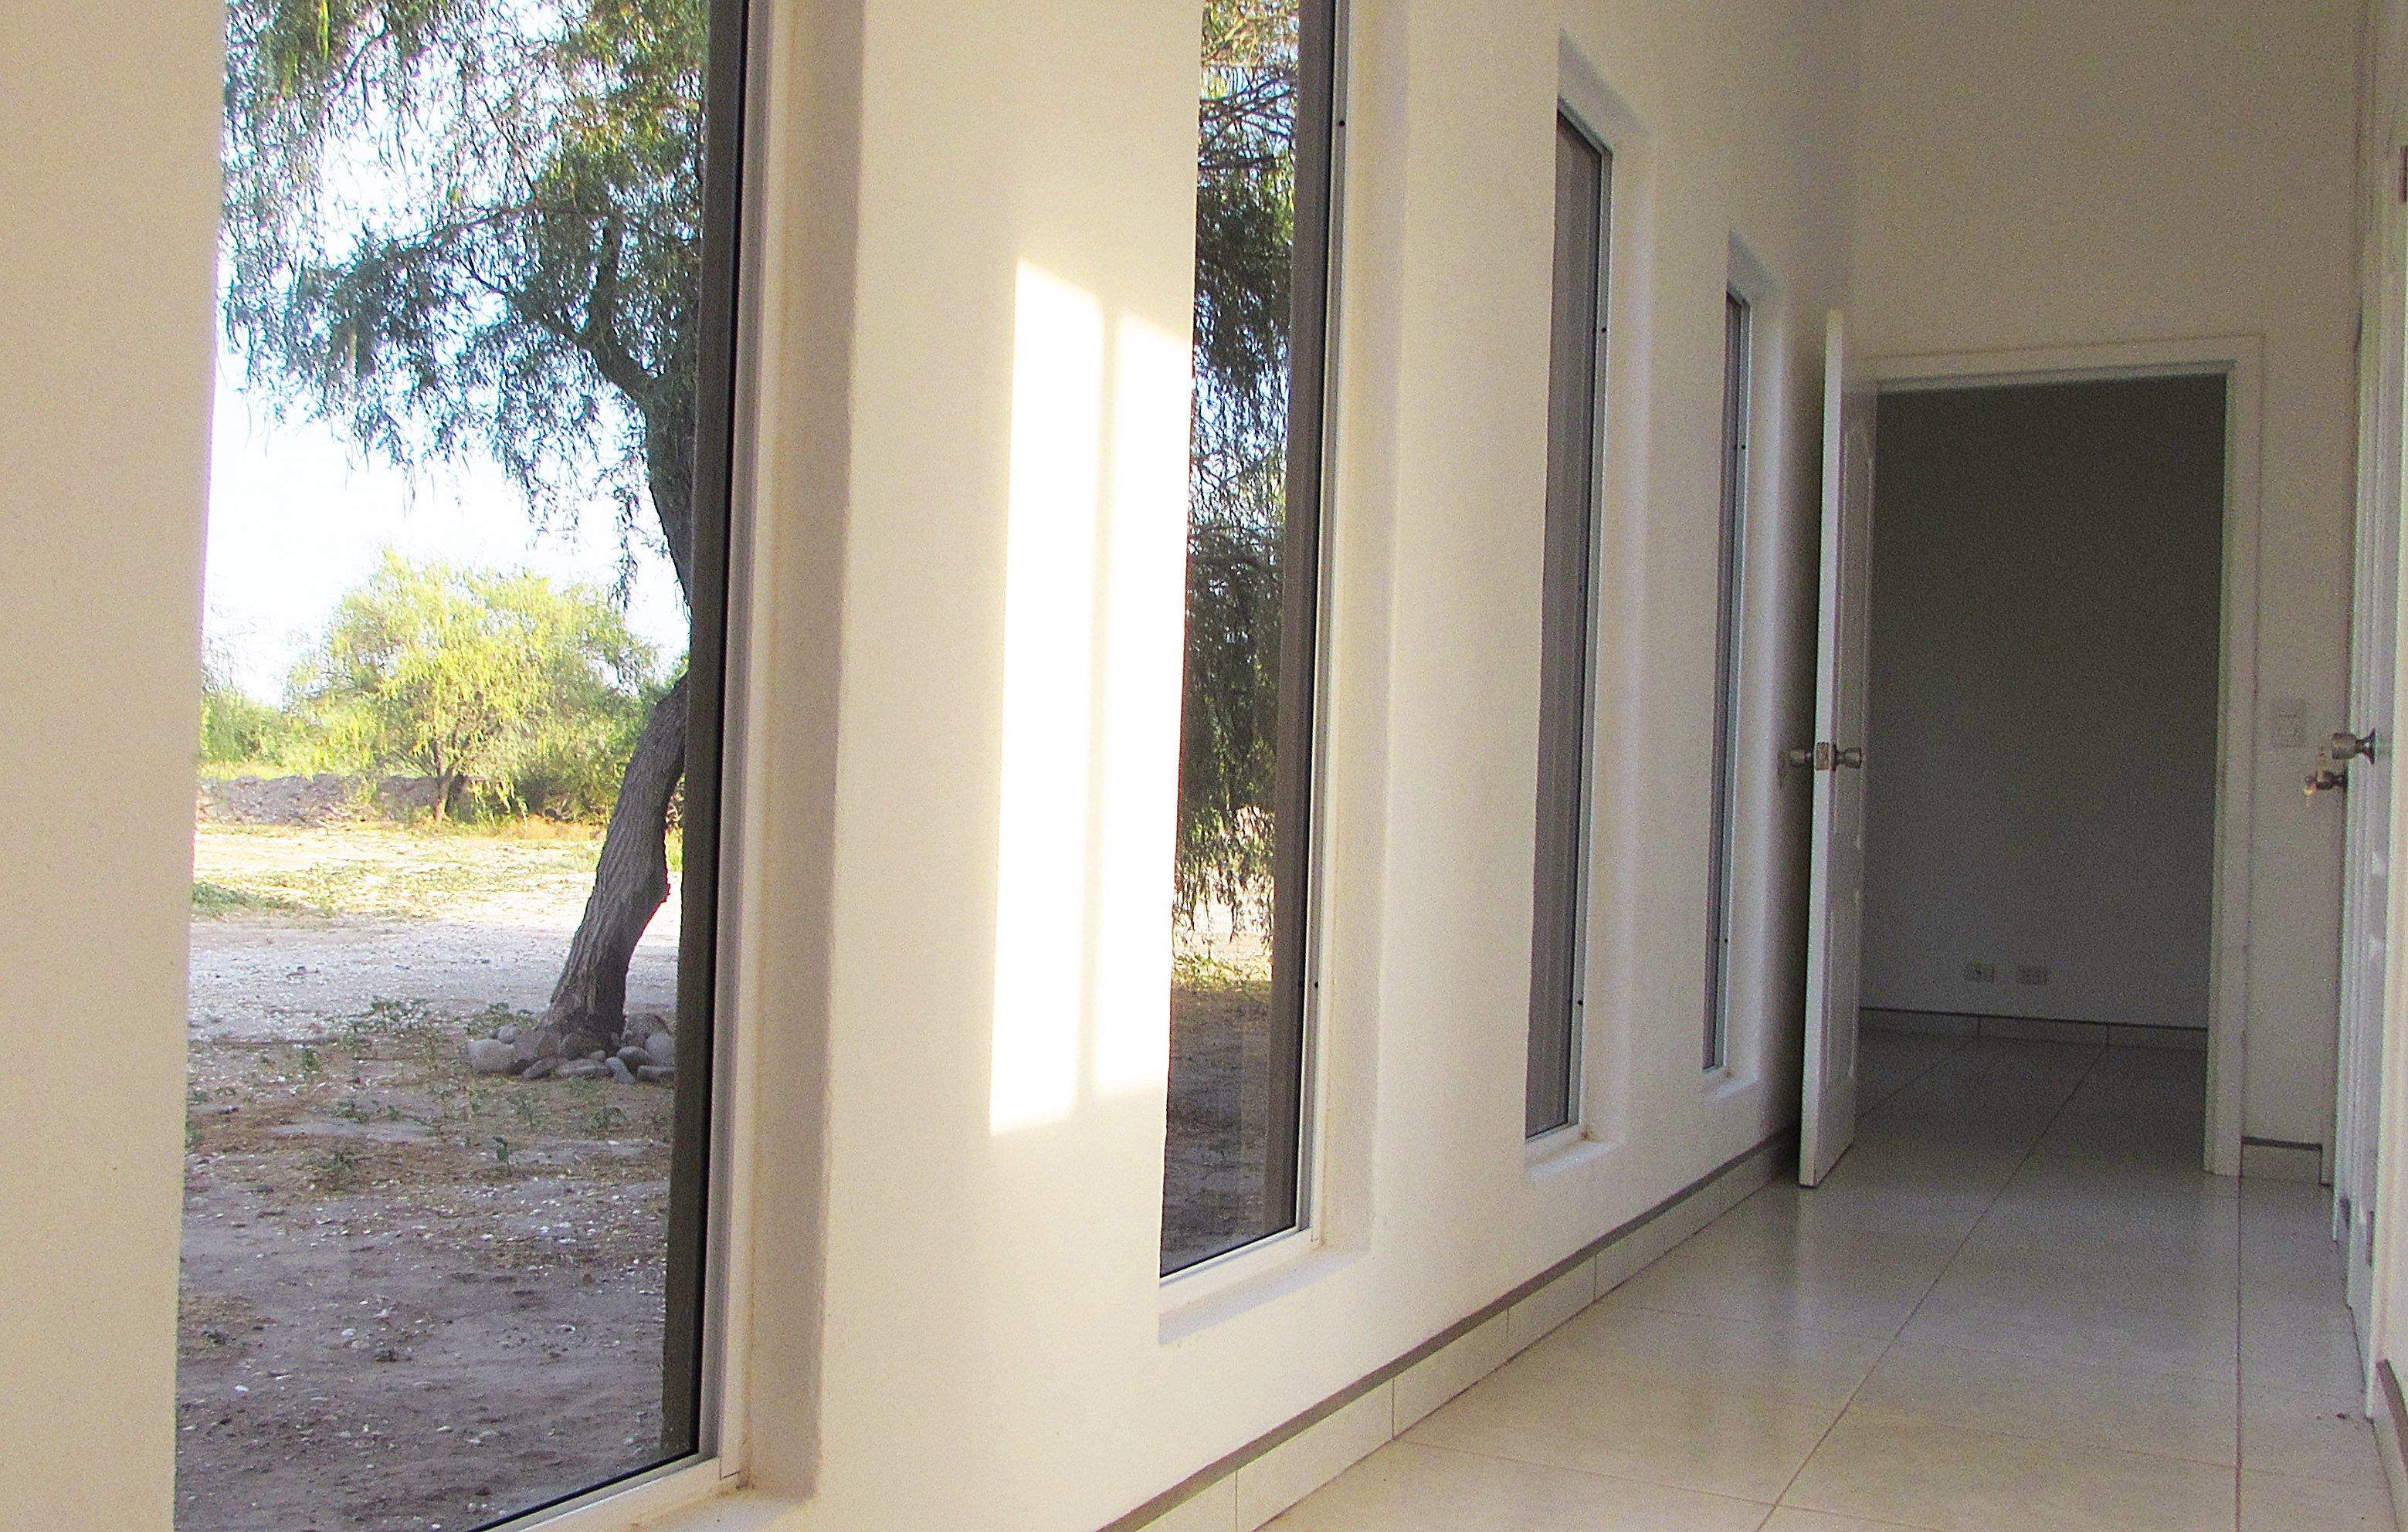 Hallway from kitchen